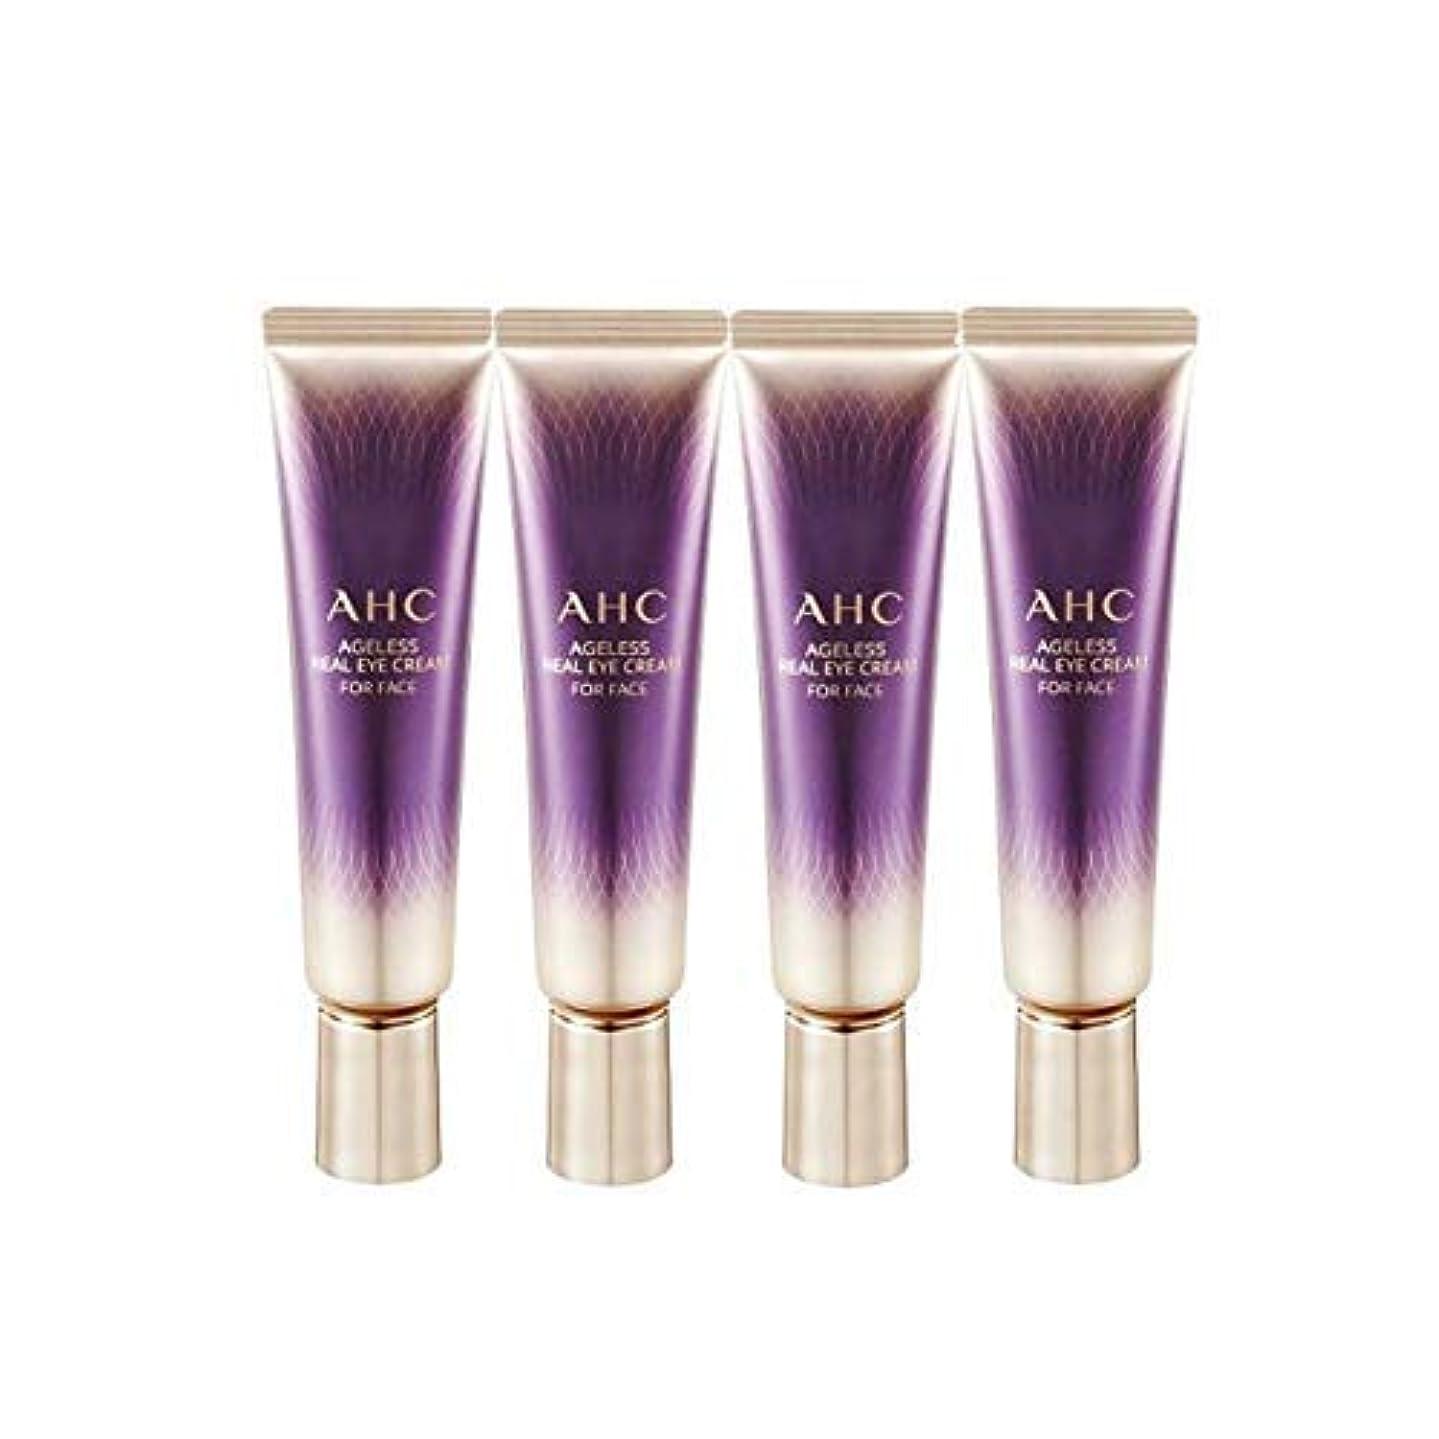 骨の折れるバナナ悪化させるAHC 2019 New Season 7 Ageless Real Eye Cream for Face 1 Fl Oz 30ml x 4 Anti-Wrinkle Brightness Contains Collagen